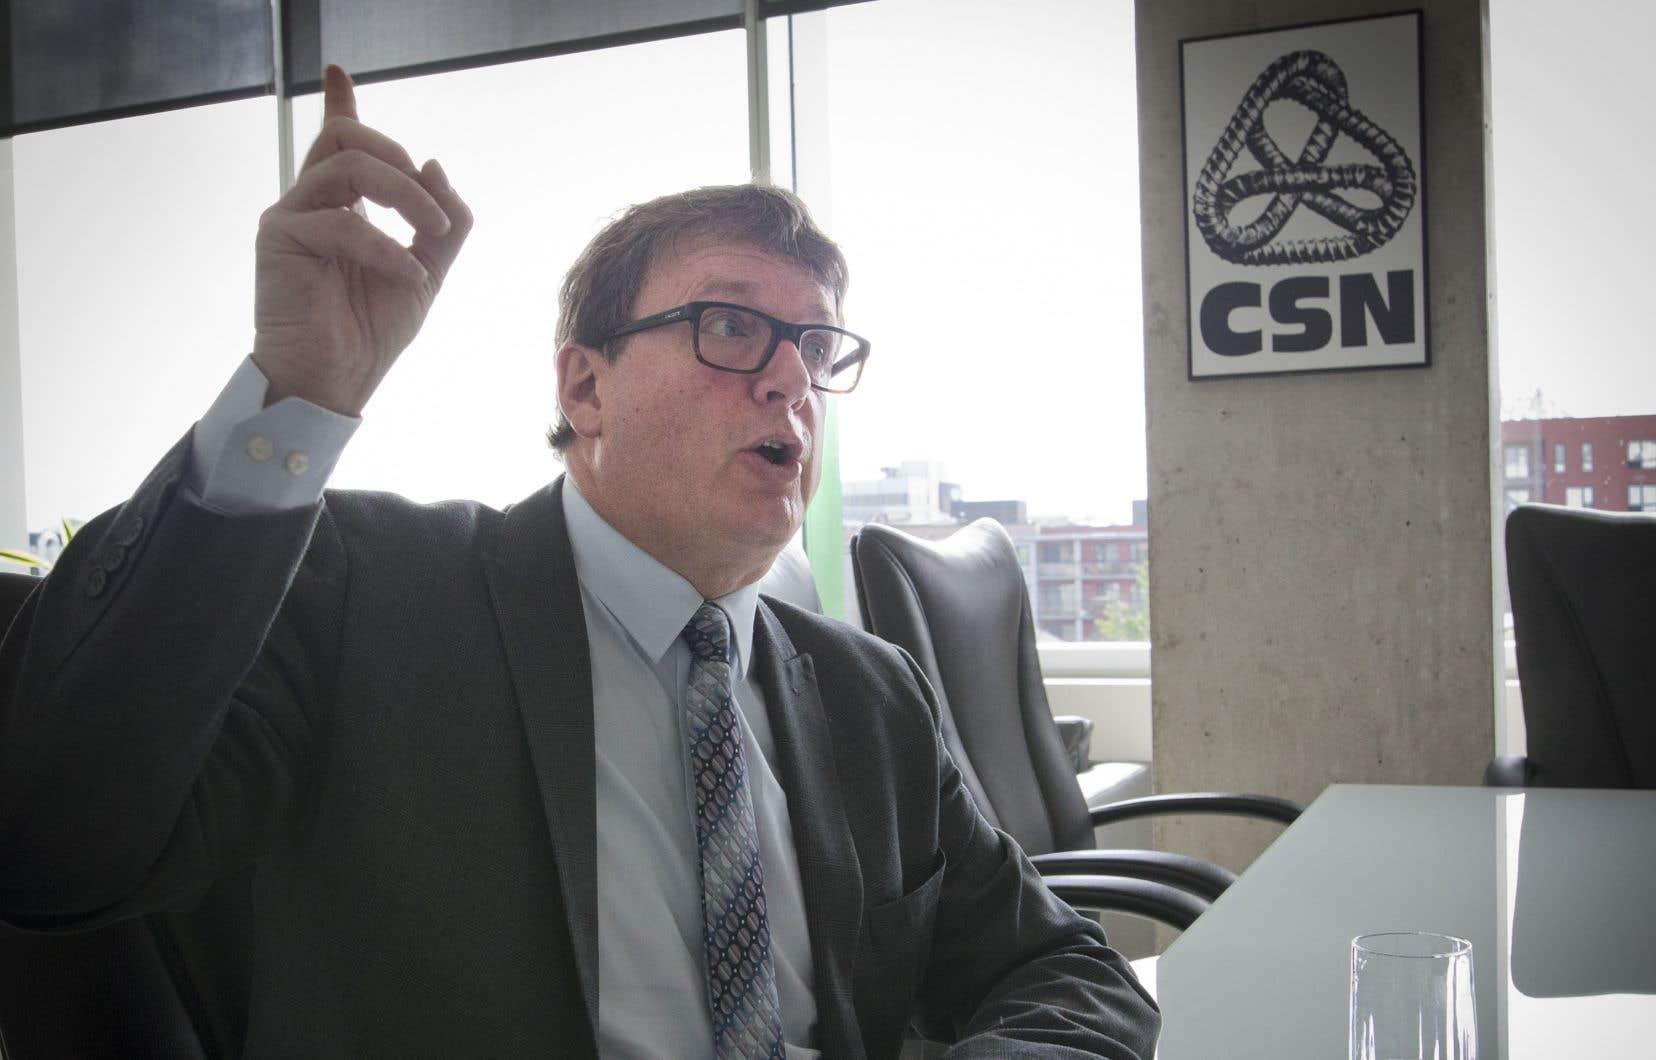 «Les compagnies établies au Québec jouissent de subventions gouvernementales et de crédits d'impôt très avantageux», a déclaré le président de la CSN, Jacques Létourneau.